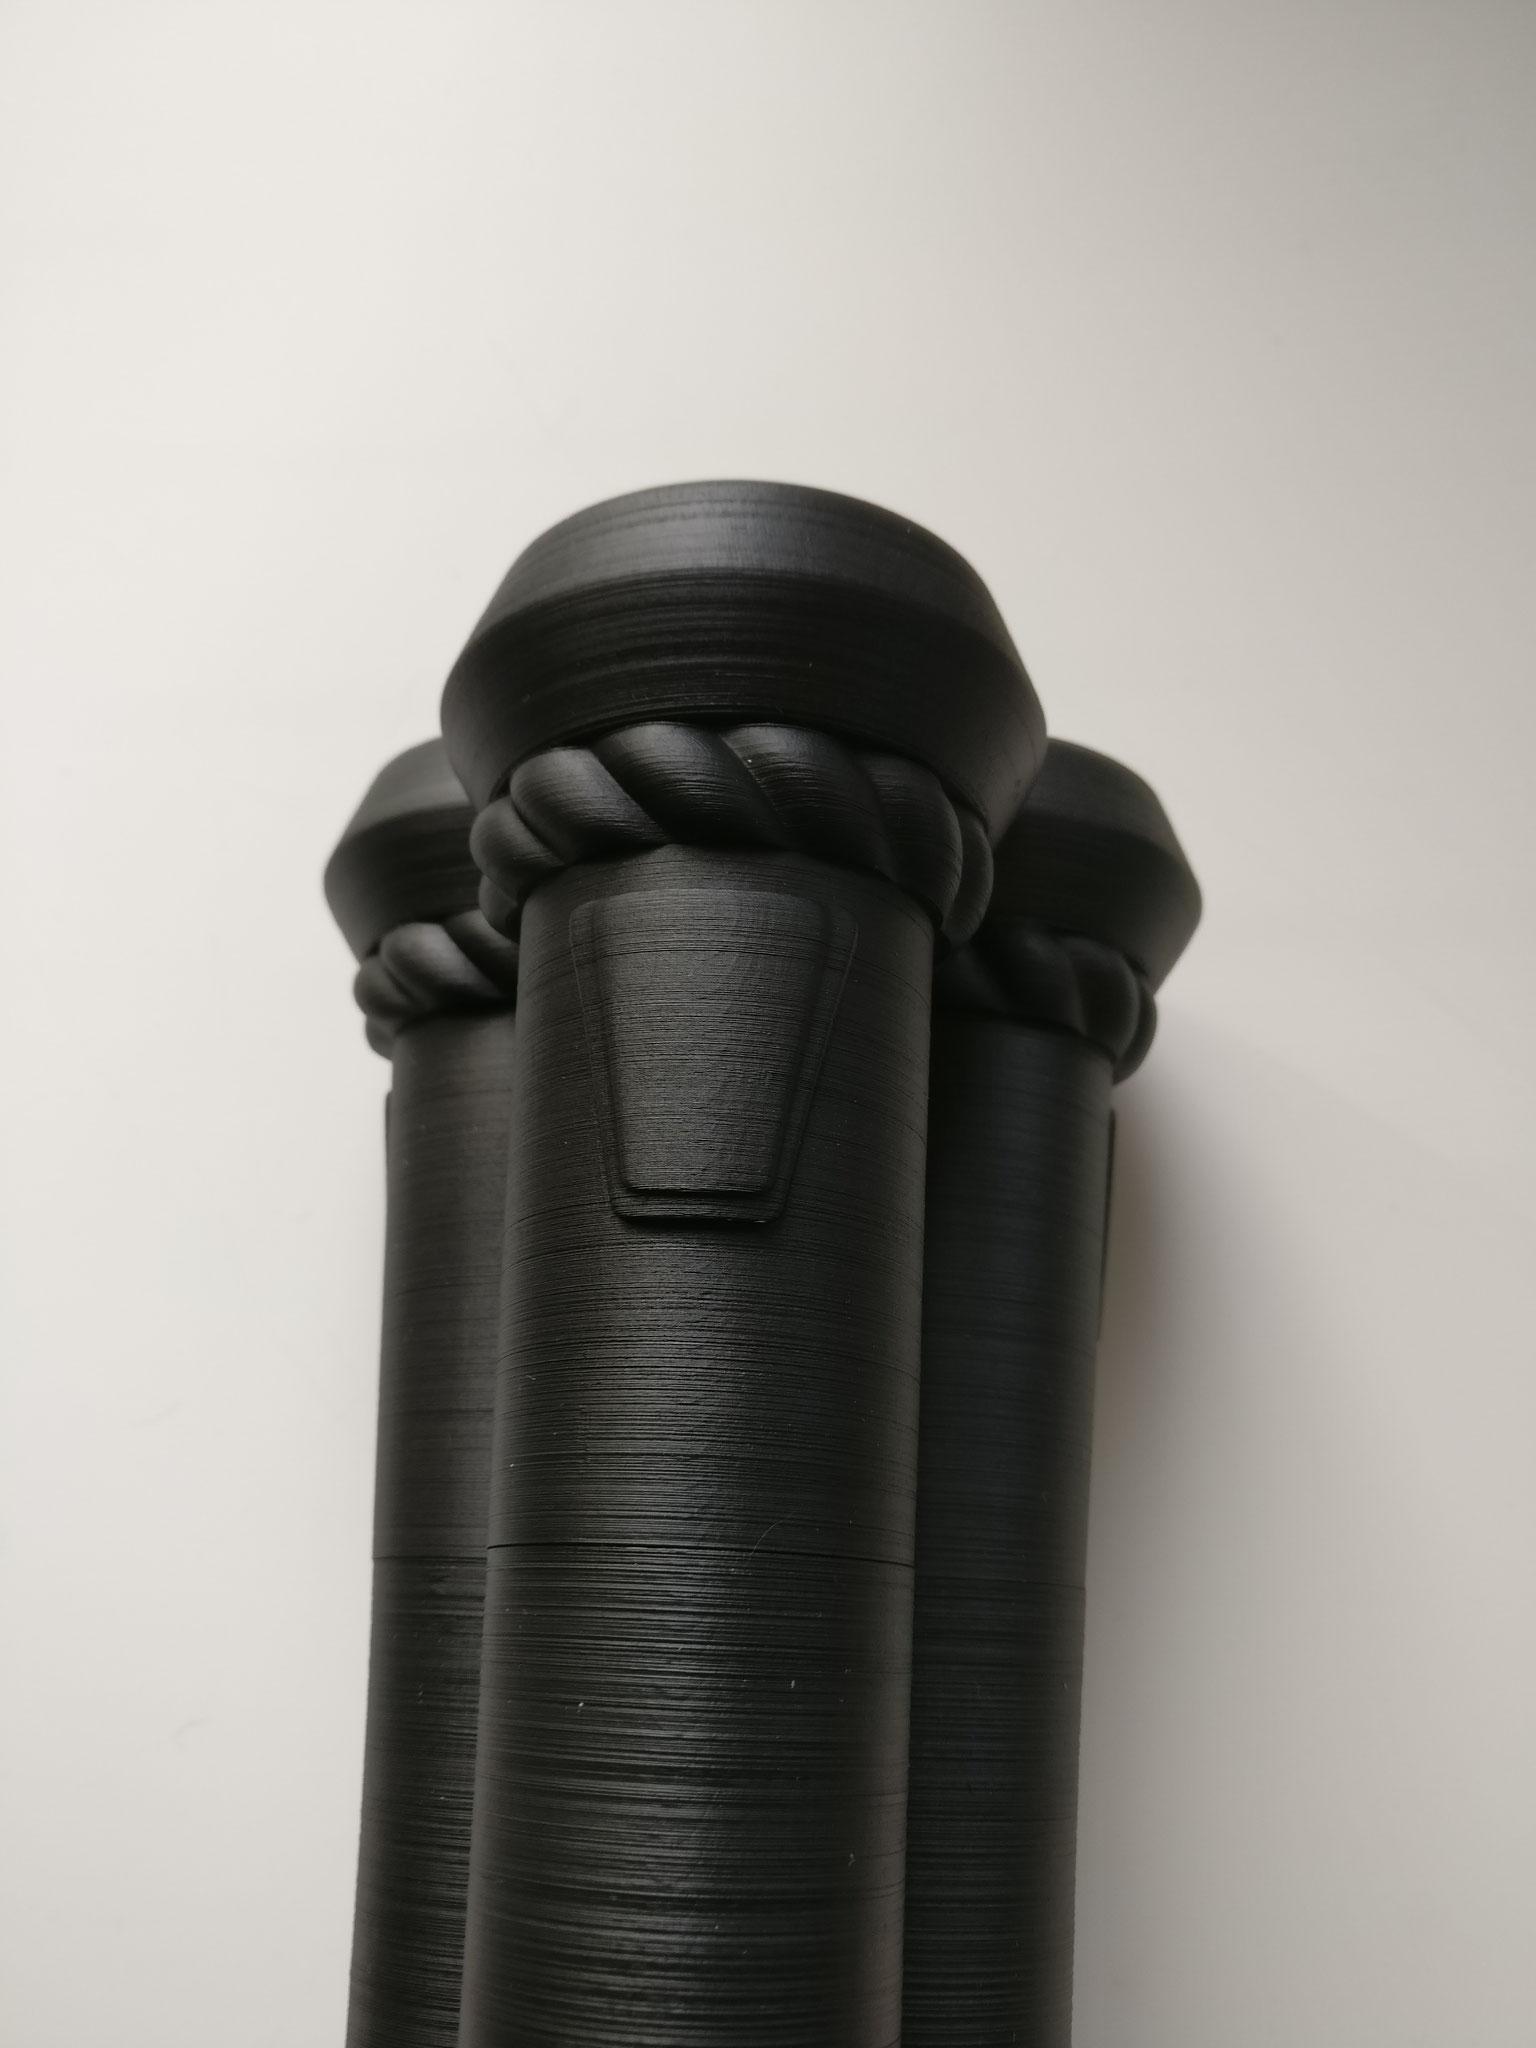 MarTiny Creations - Uiteinde barrels